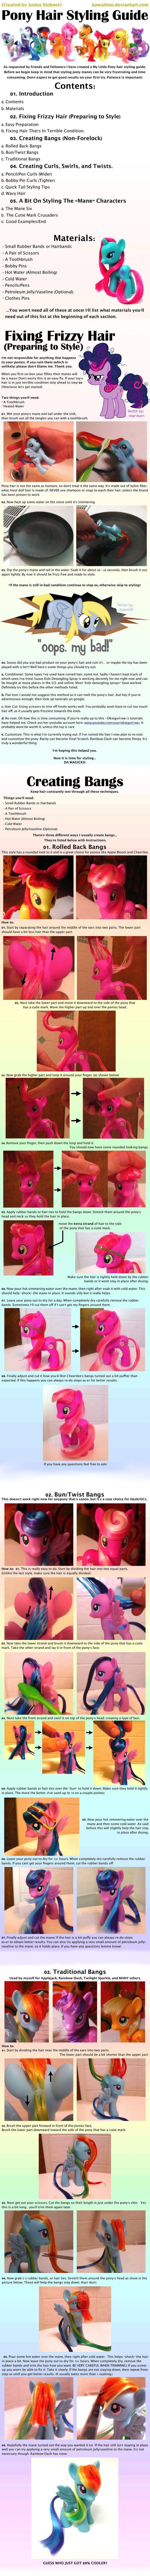 Kawaiimo's Pony Hair Styling Guide 1/2 by ~kawaiimo